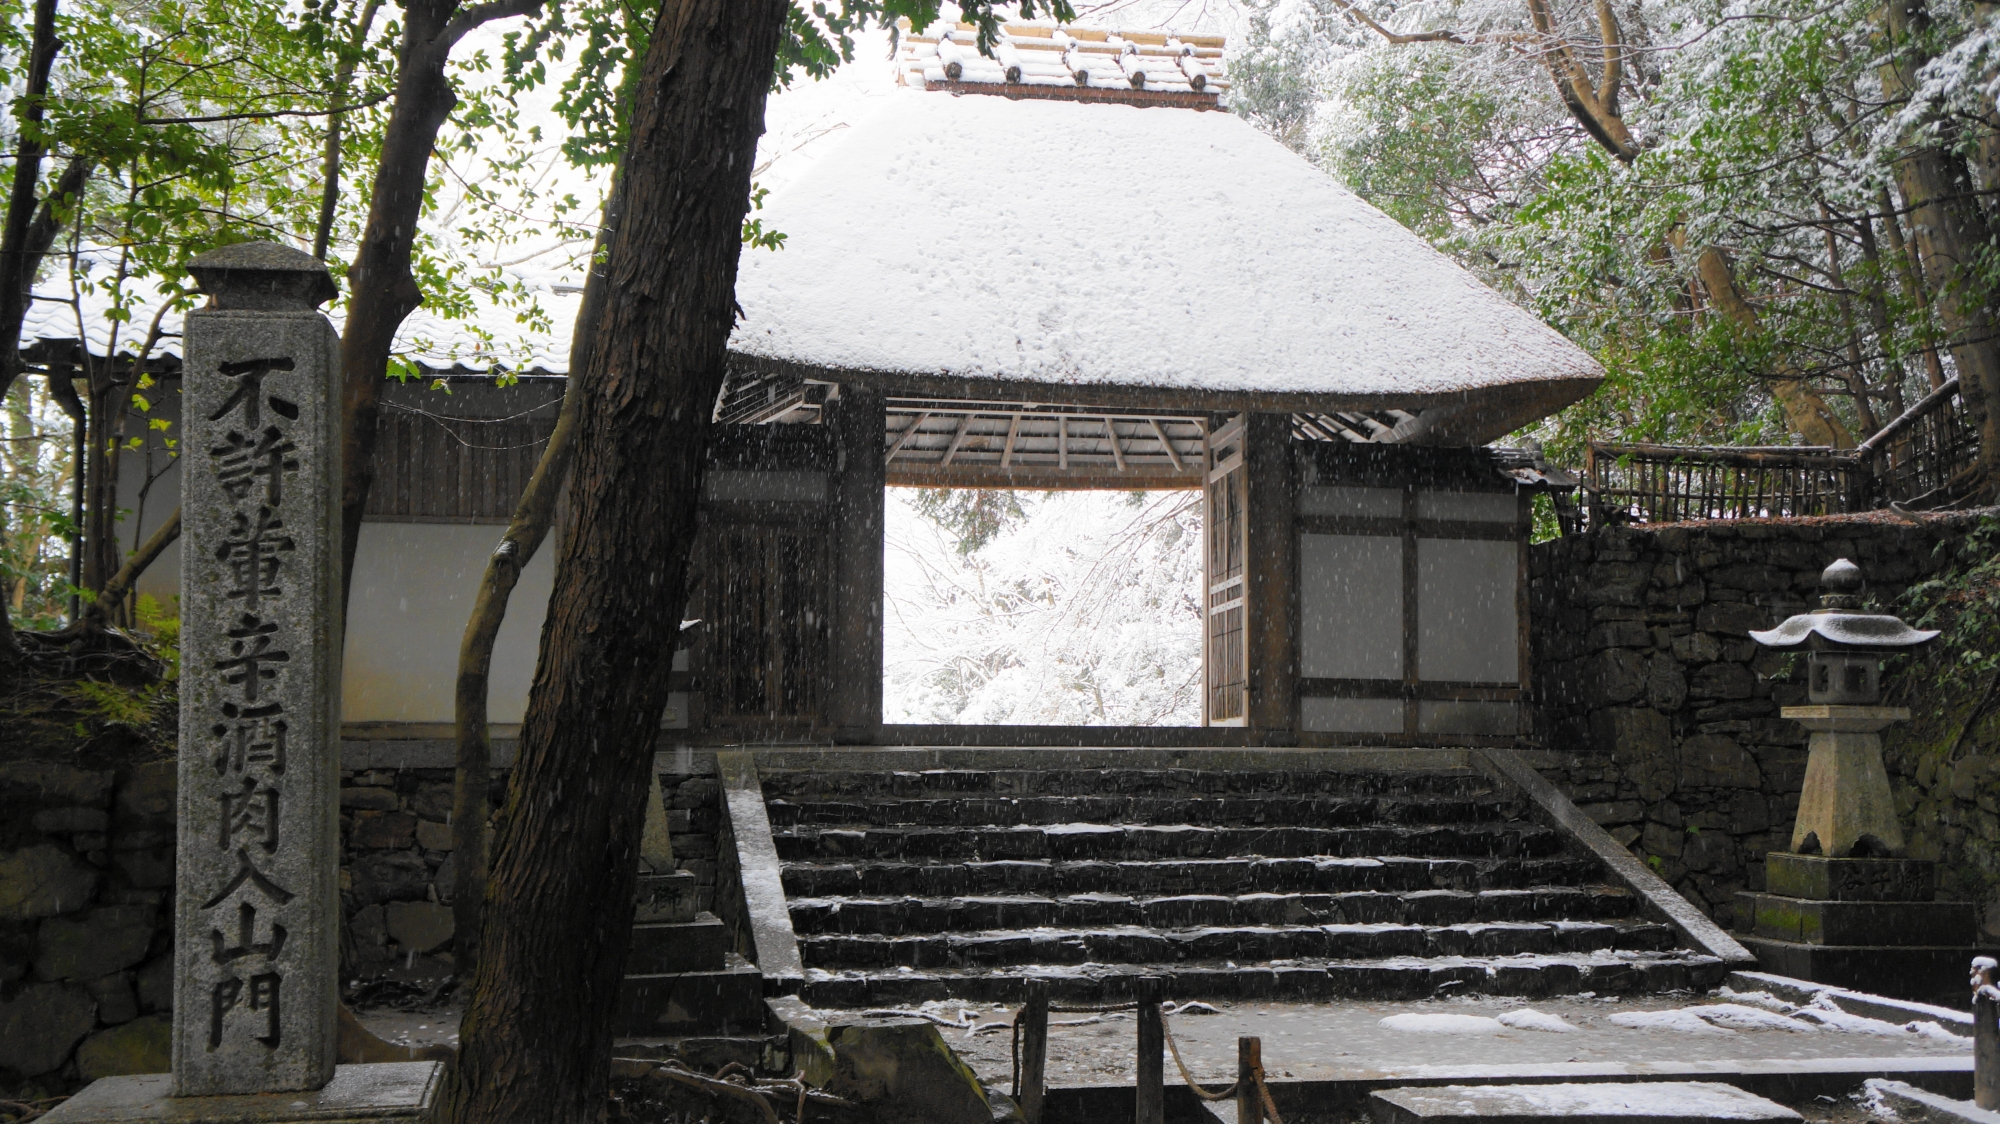 法然院の山門の雪景色